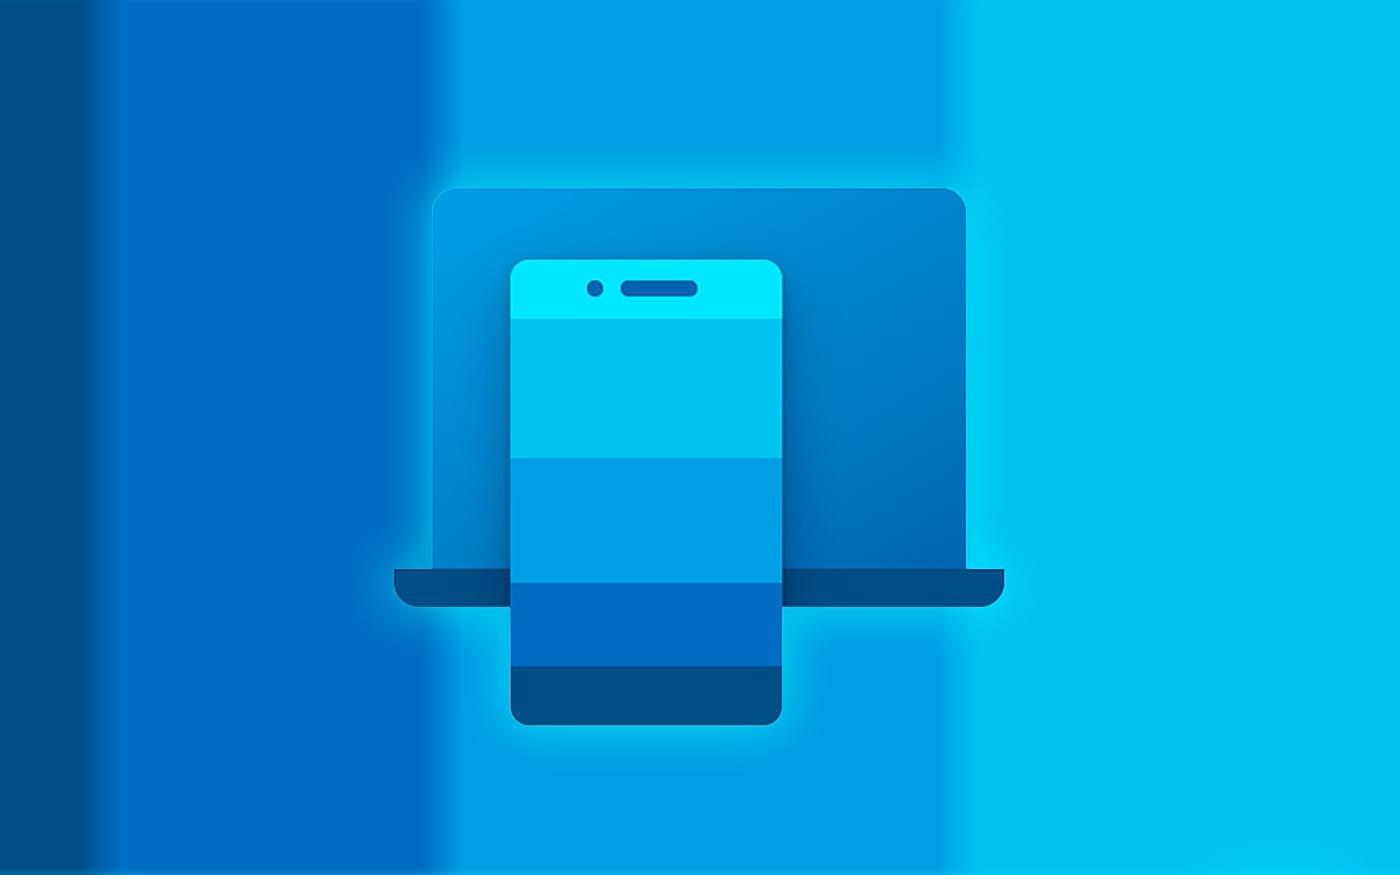 """Windows 10: Aplicativo """"Seu Telefone"""" transformará seu PC em telefone em breve"""